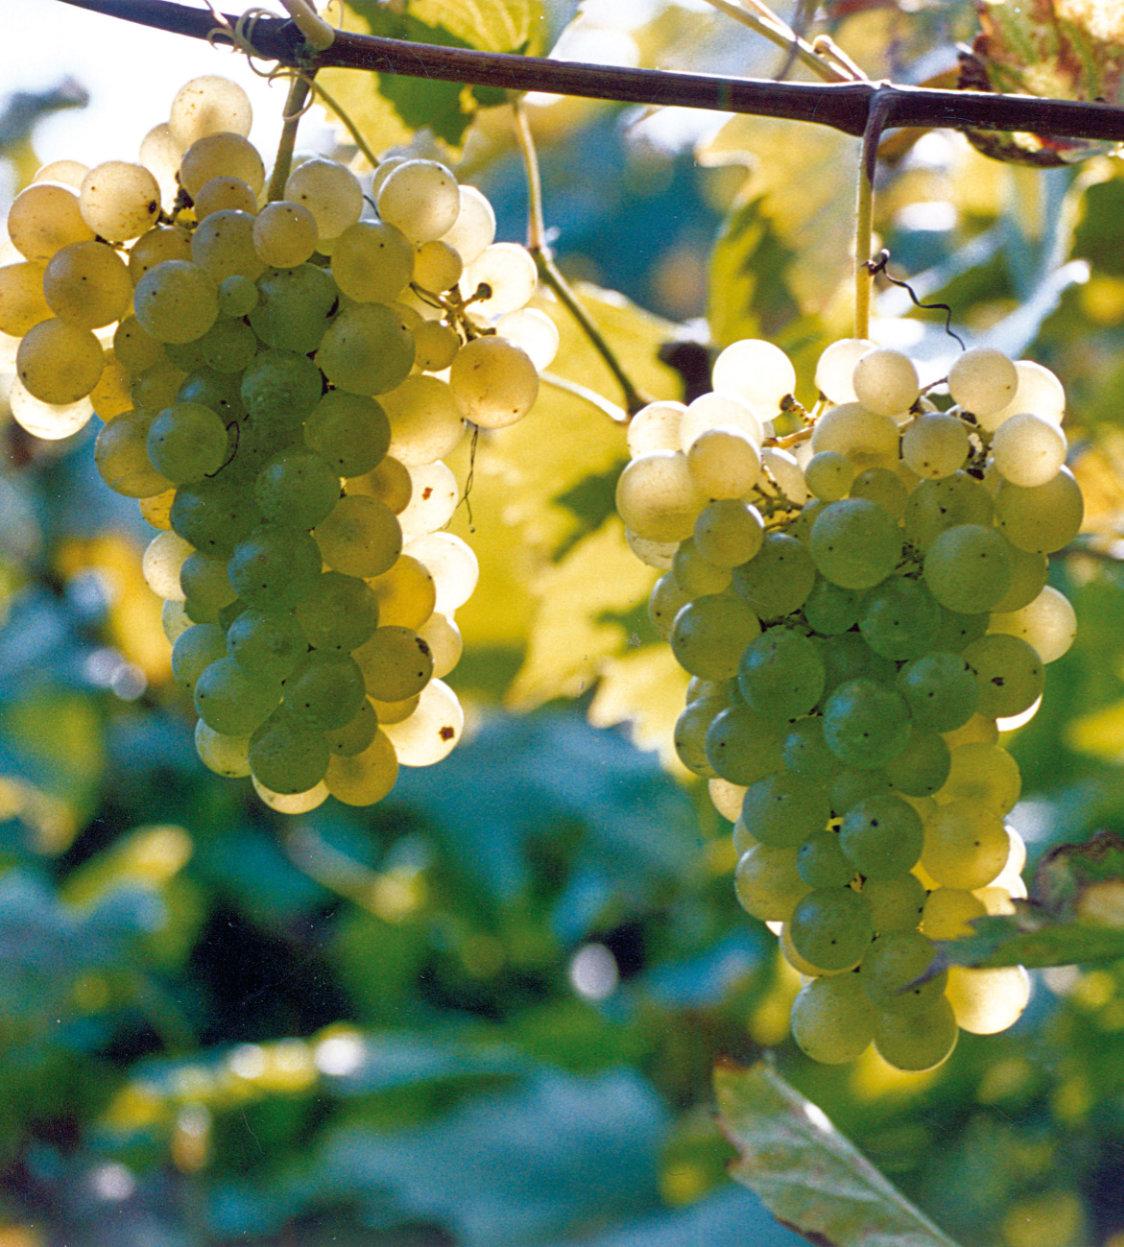 I grappoli di uva Durella belli maturi per la produzione di Lessini Durello doc. Foto Consorzio Lessini Durello